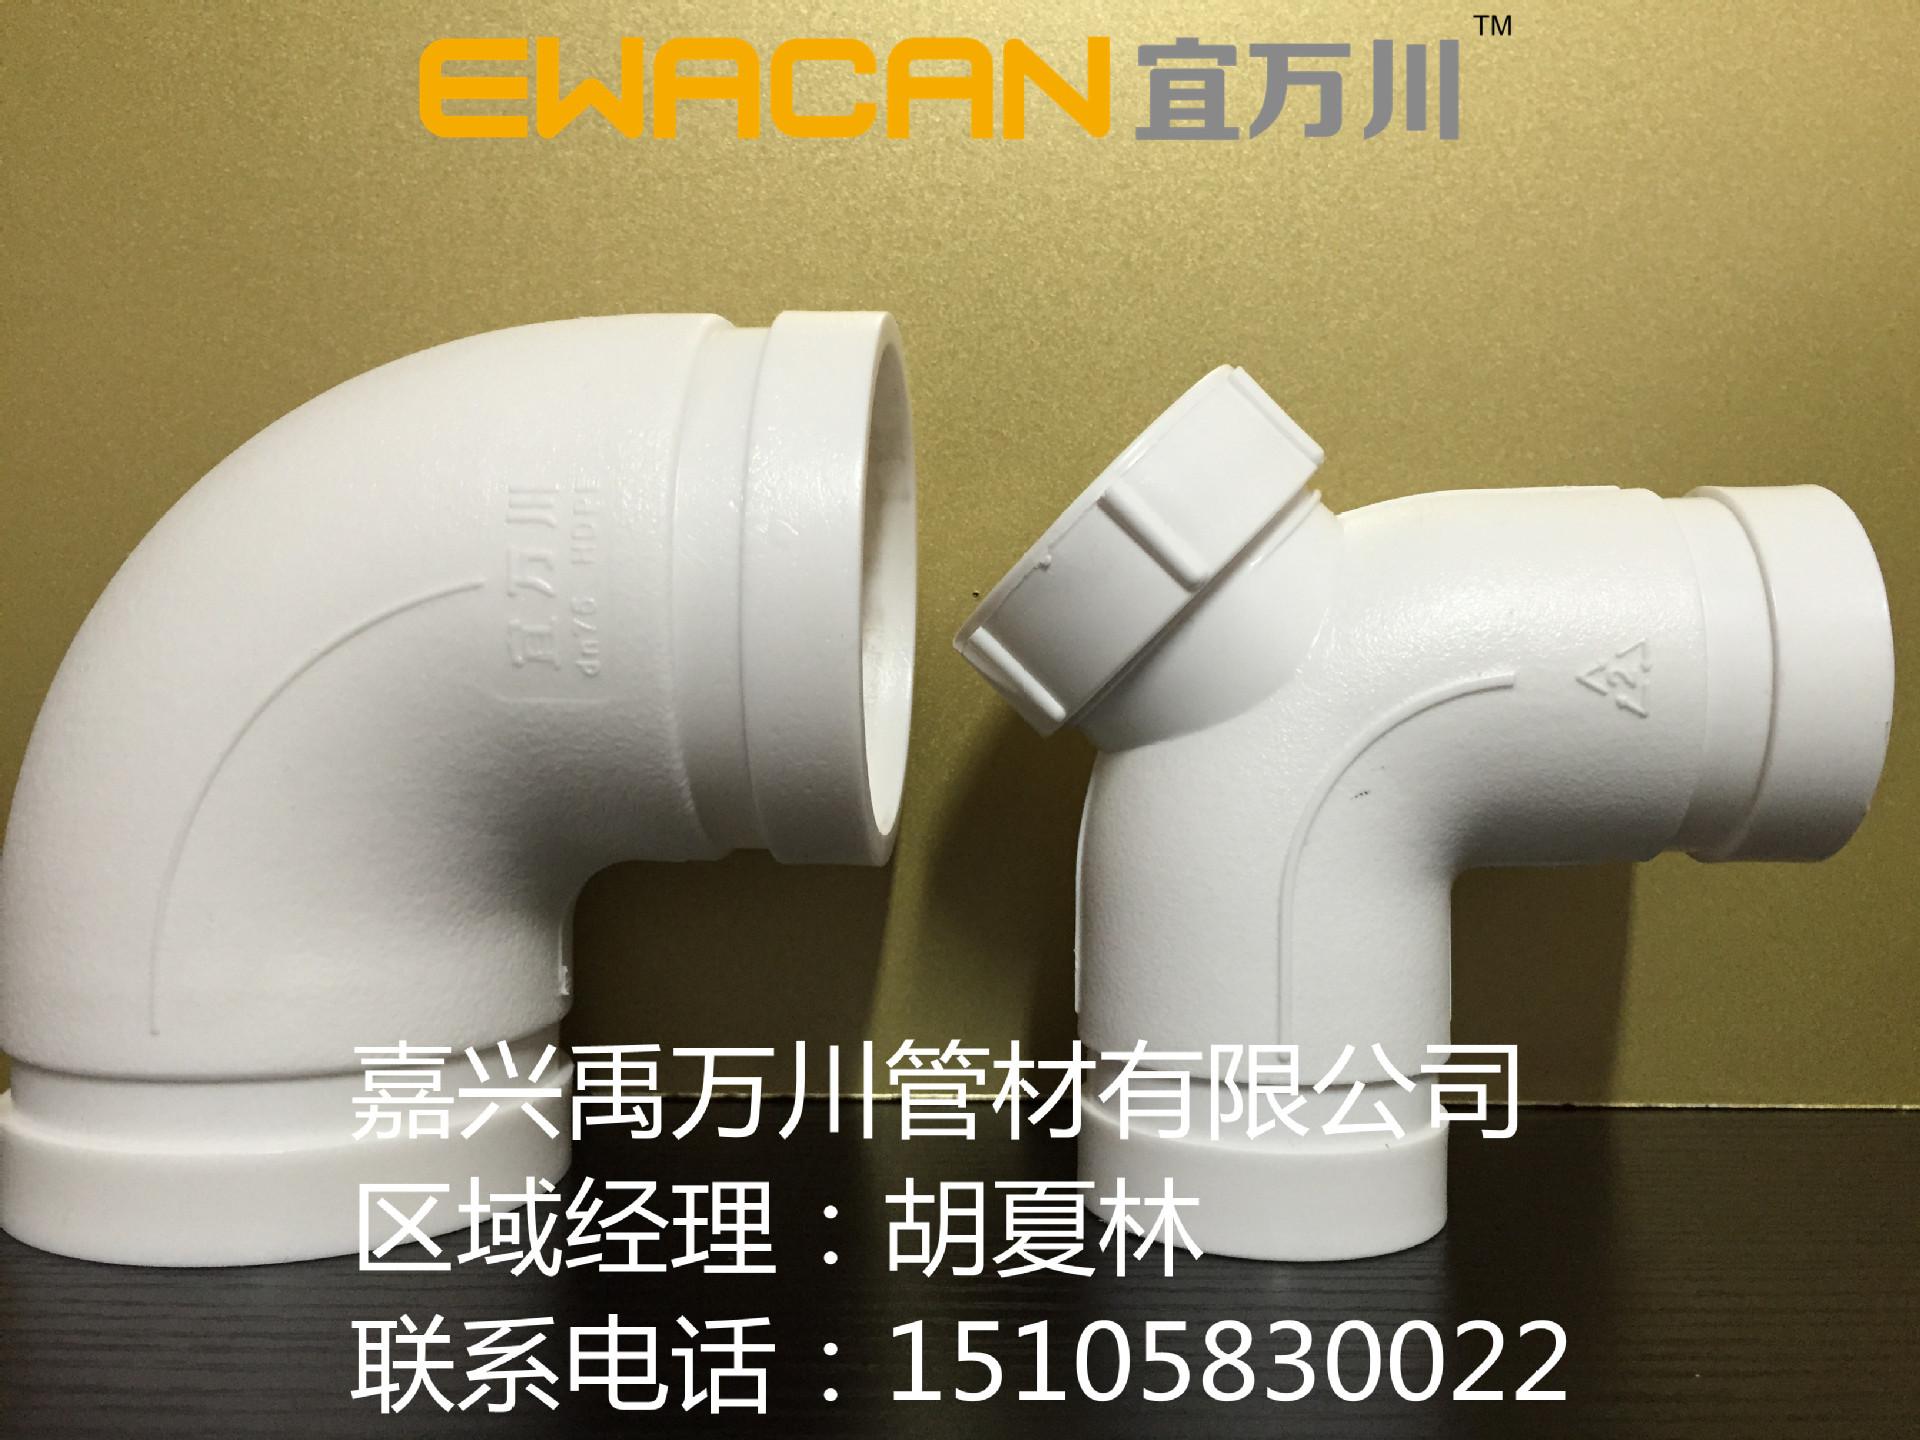 沟槽式HDPE超静音排水管,hdpe沟槽管,FRPP法兰承插静音排水管示例图7